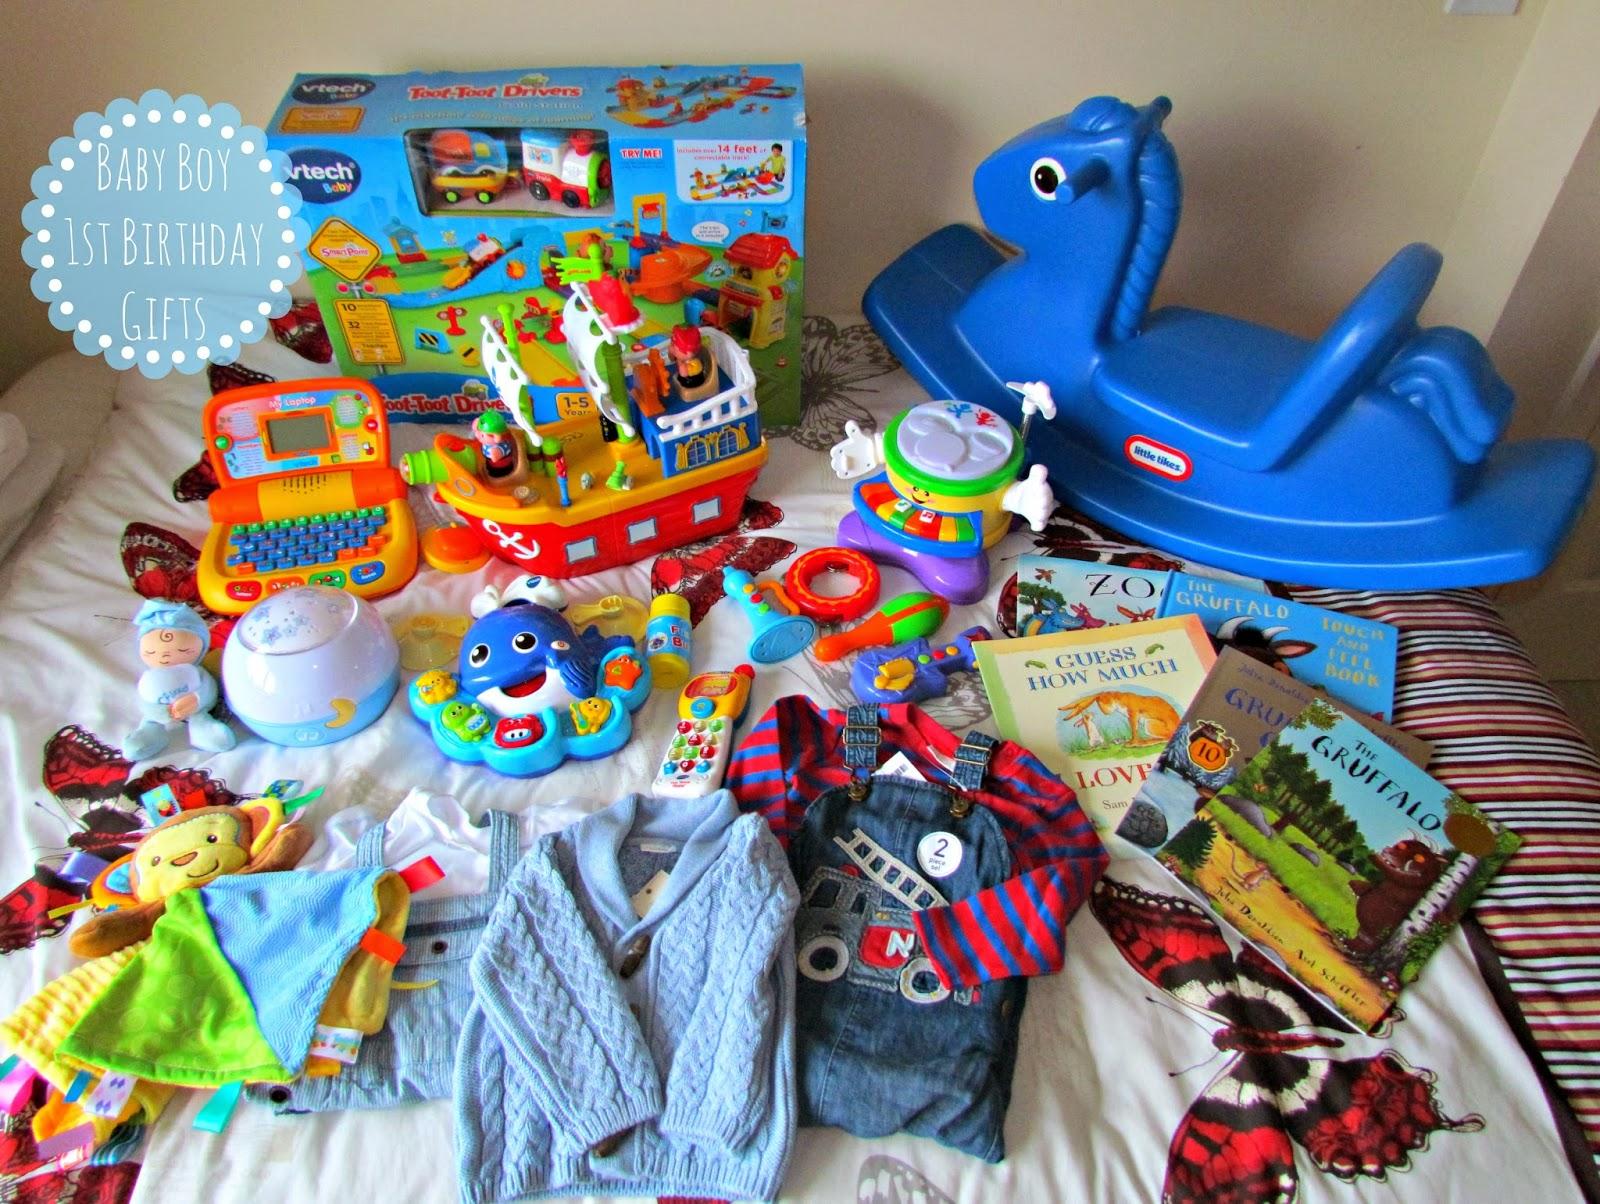 Baby Boy 1st Birthday Gifts ♥   Dolly Dowsie